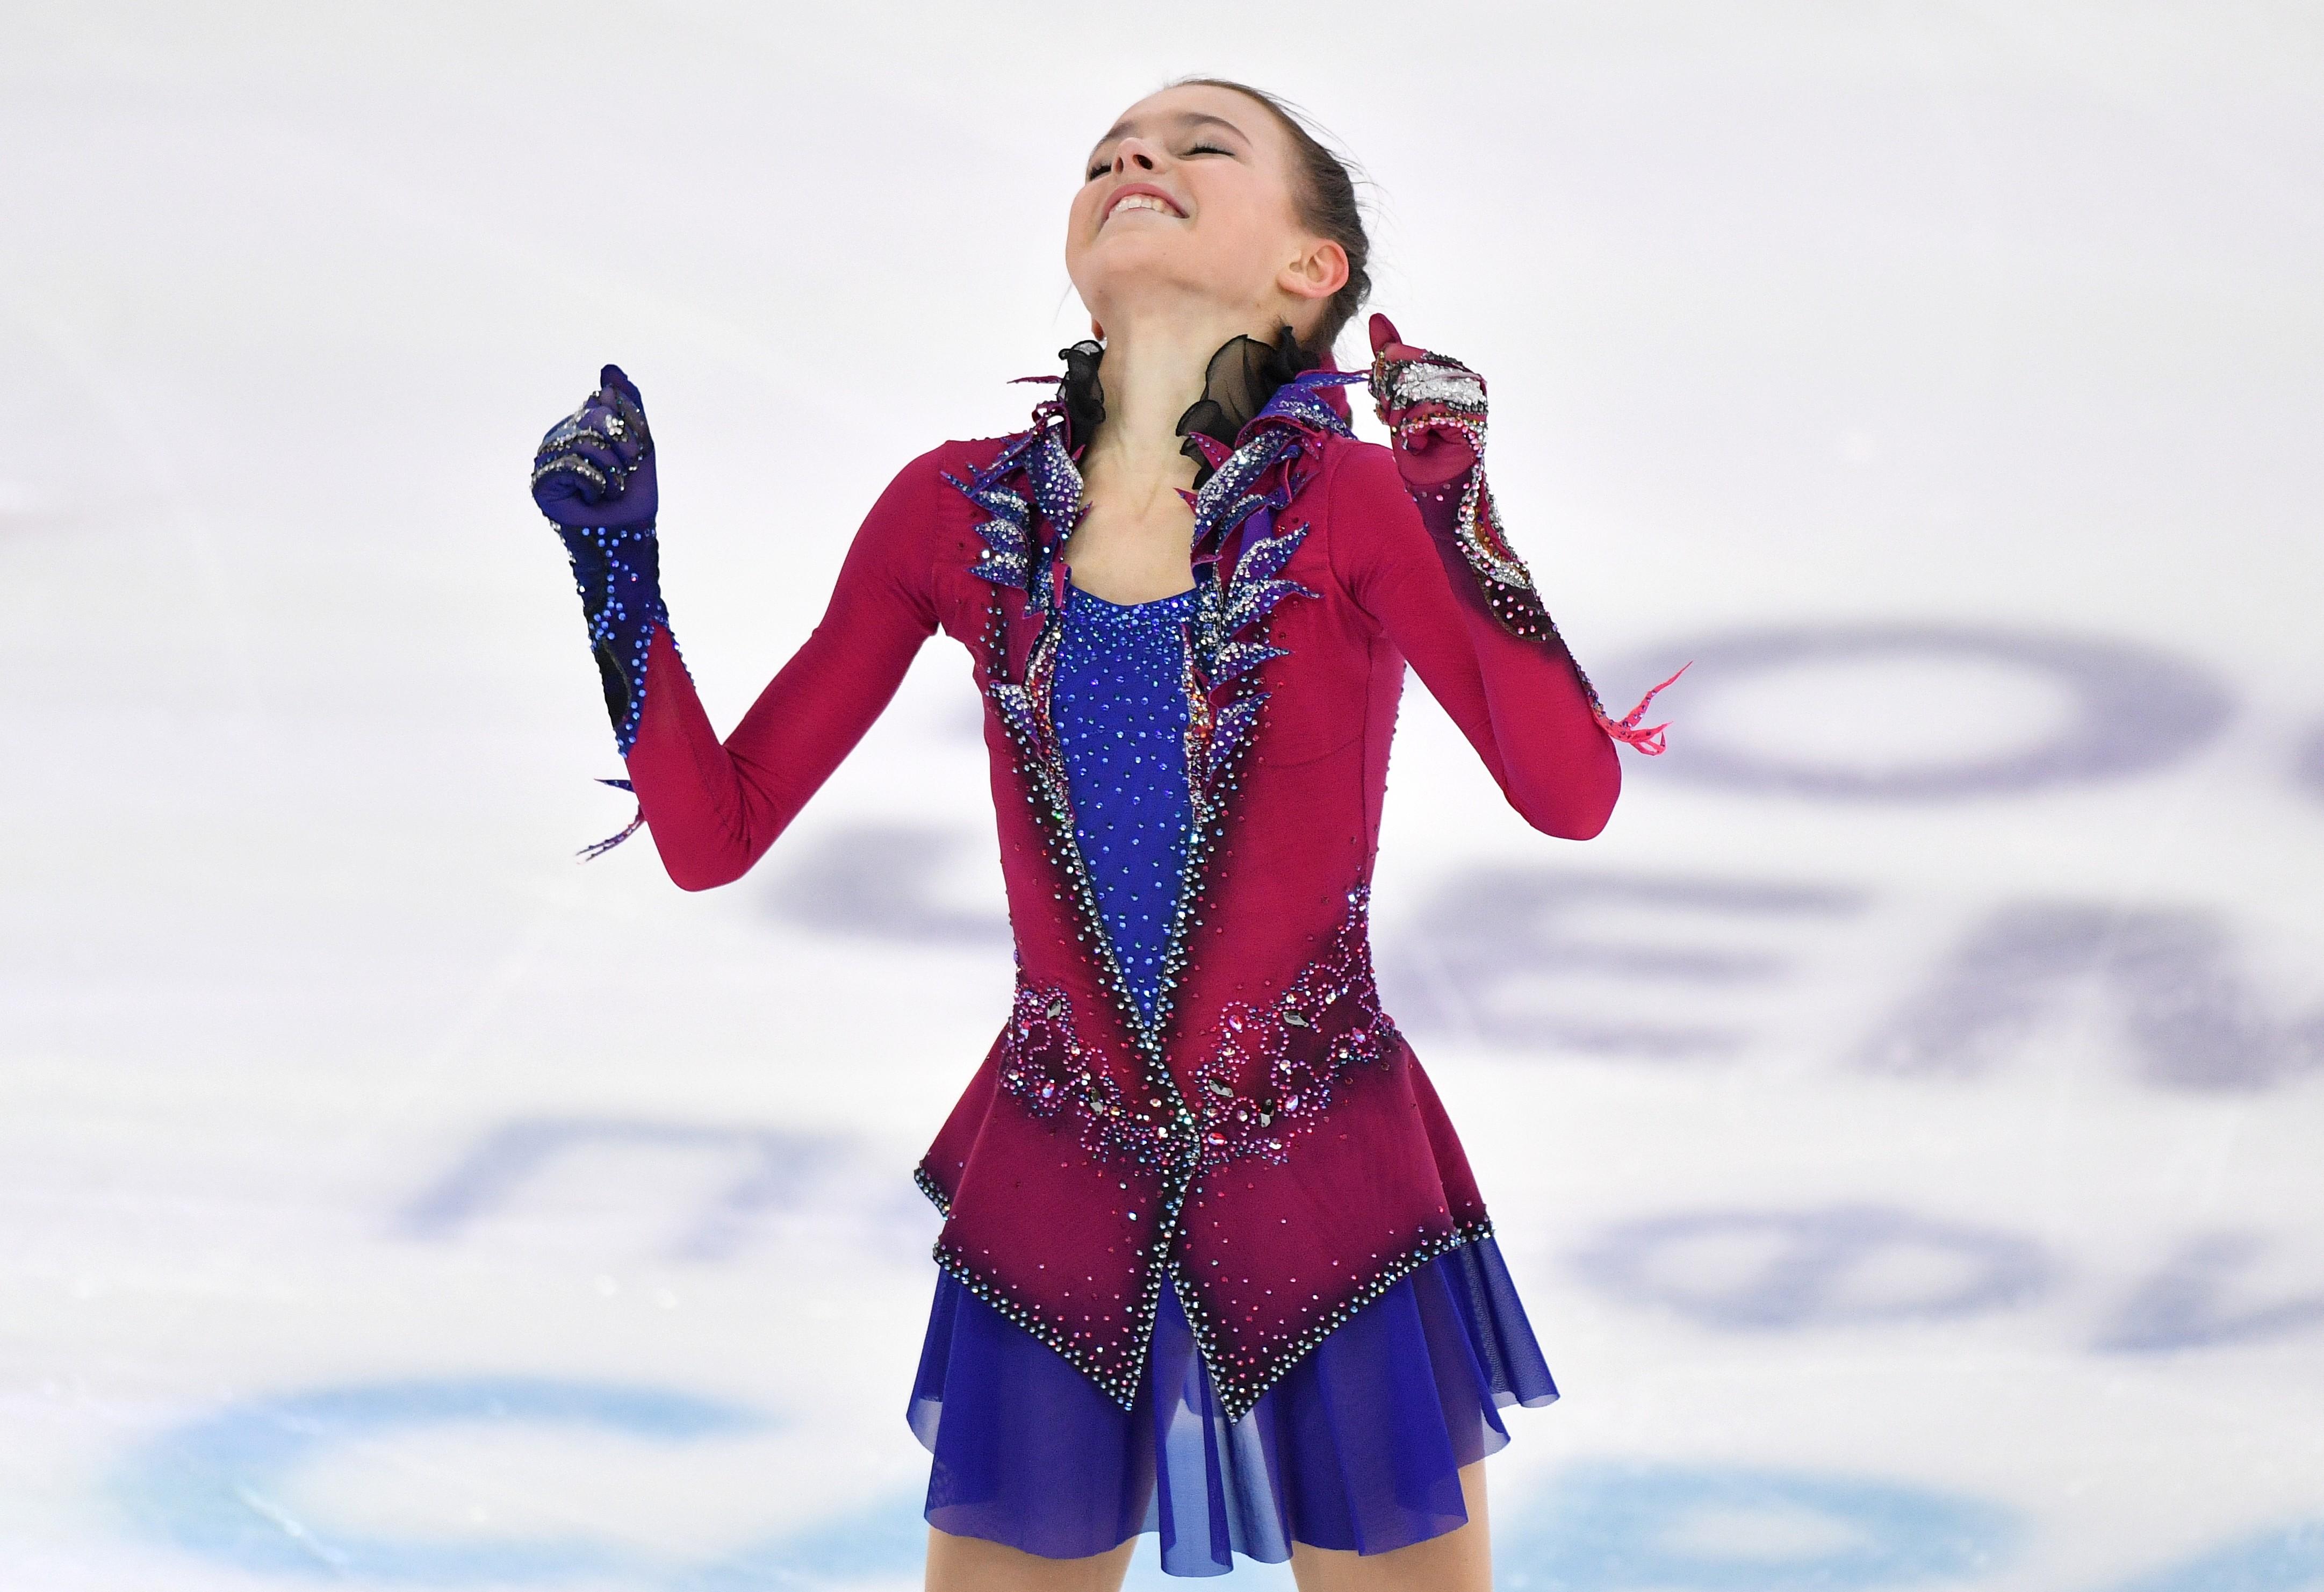 Анна Щербакова вчера были лишь пятой, а сегодня взлетела на первое место. Фото: © РИА Новости/Владимир Песня